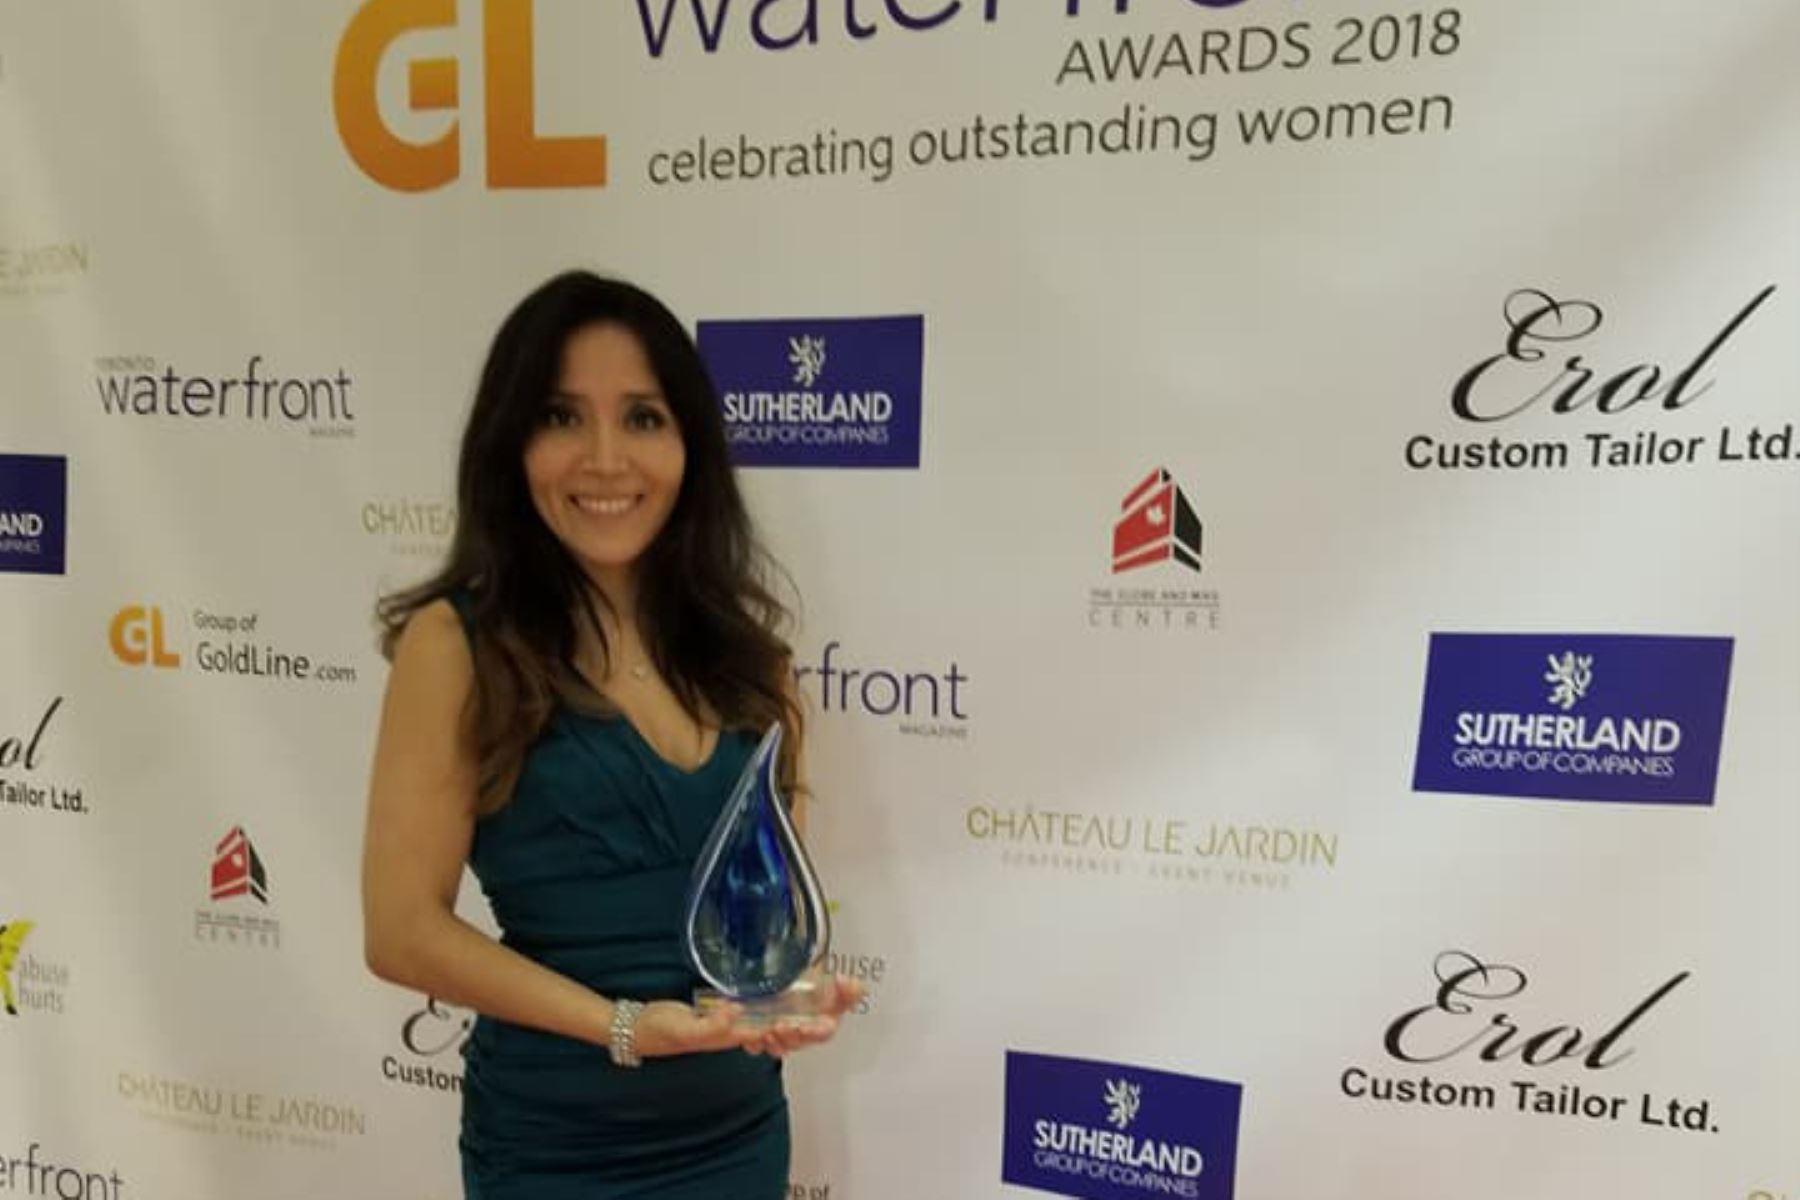 Artista peruana Soraya Lozano es premiada por su trayectoria artística en Canadá. Foto: ANDINA/Difusión